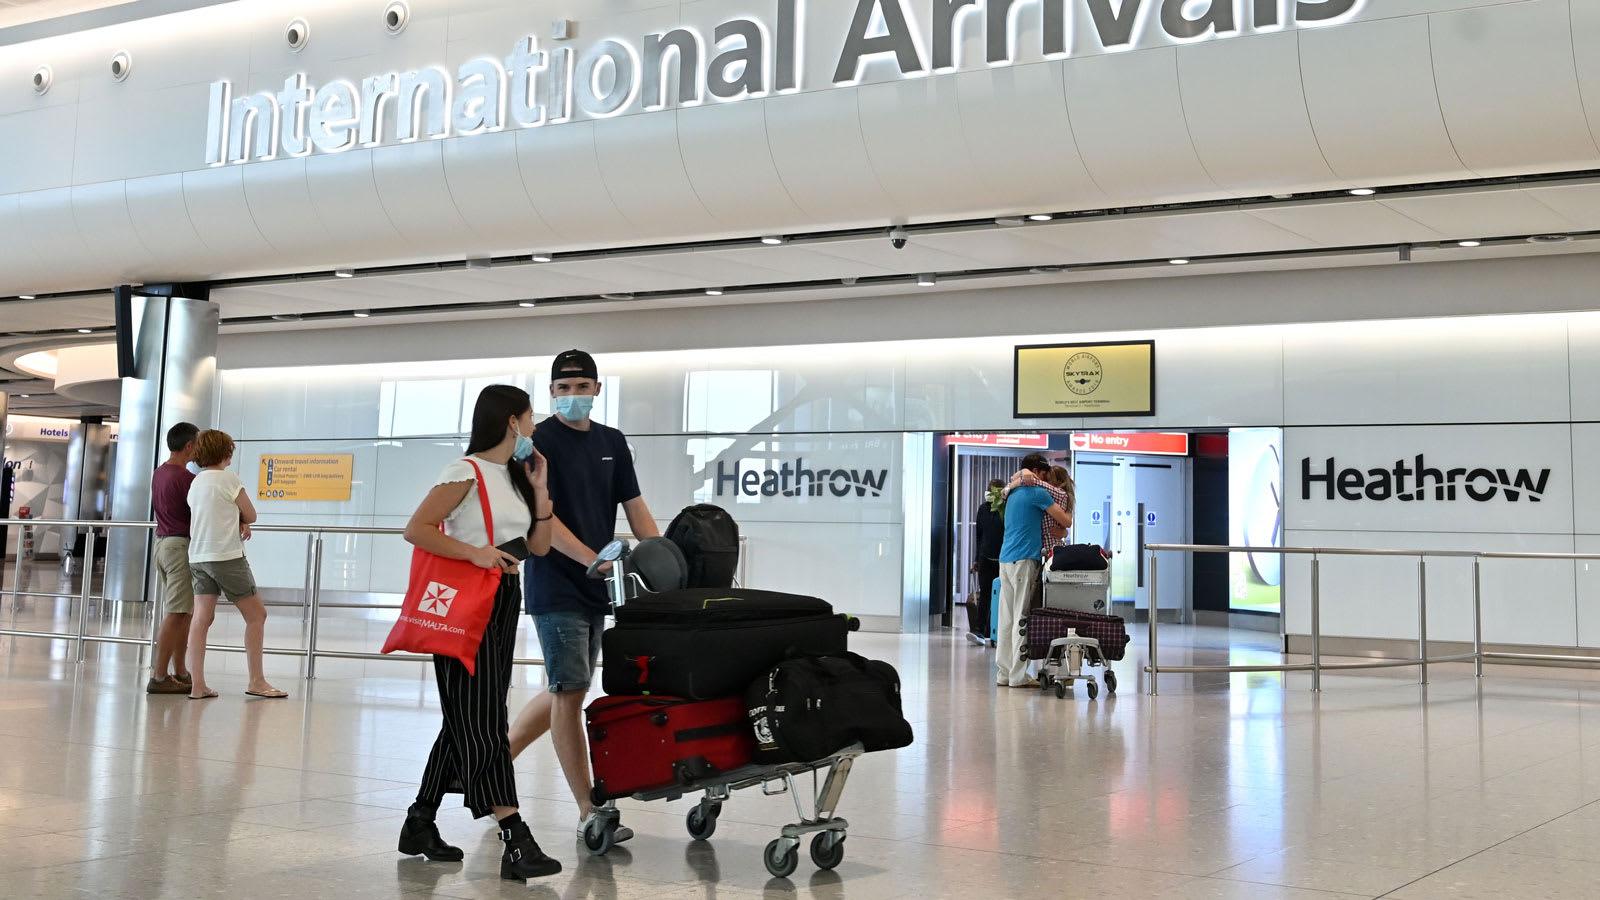 السفر في زمن فيروس كورونا.. مسافرون يشتكون من قيود المملكة المتحدة على السفر من إسبانيا